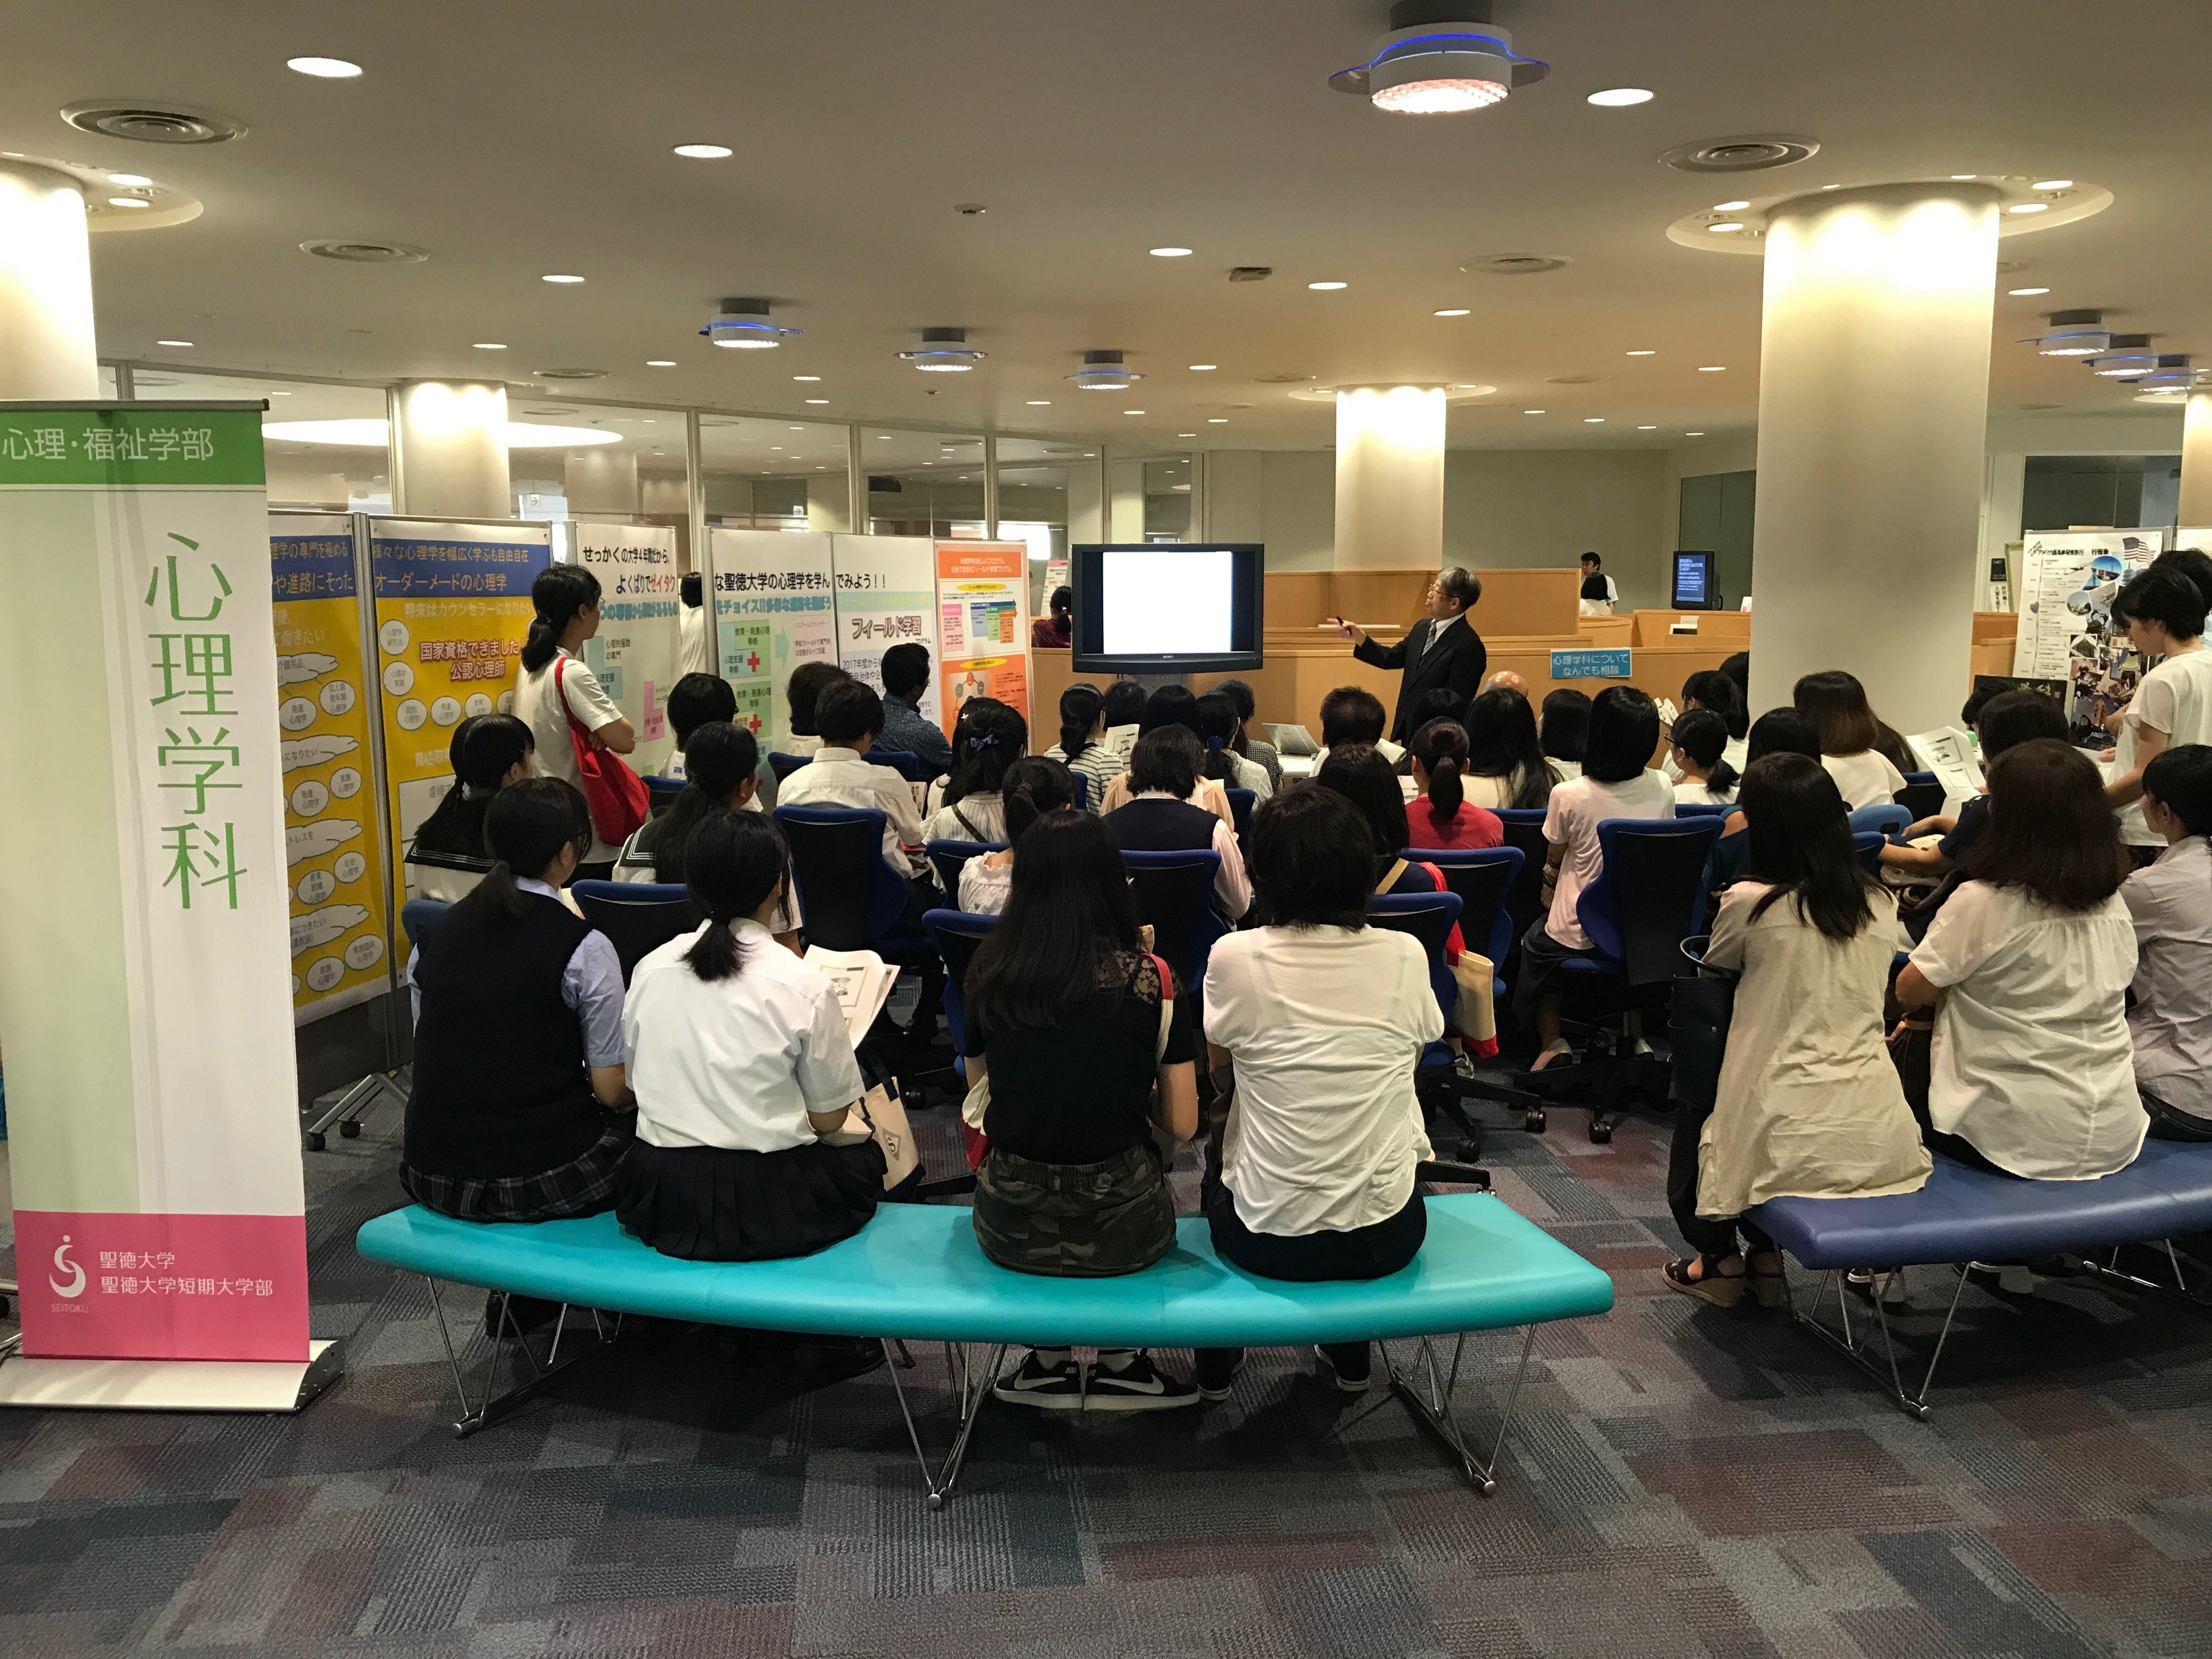 10月22日(日)にオープンキャンパスを開催いたします。